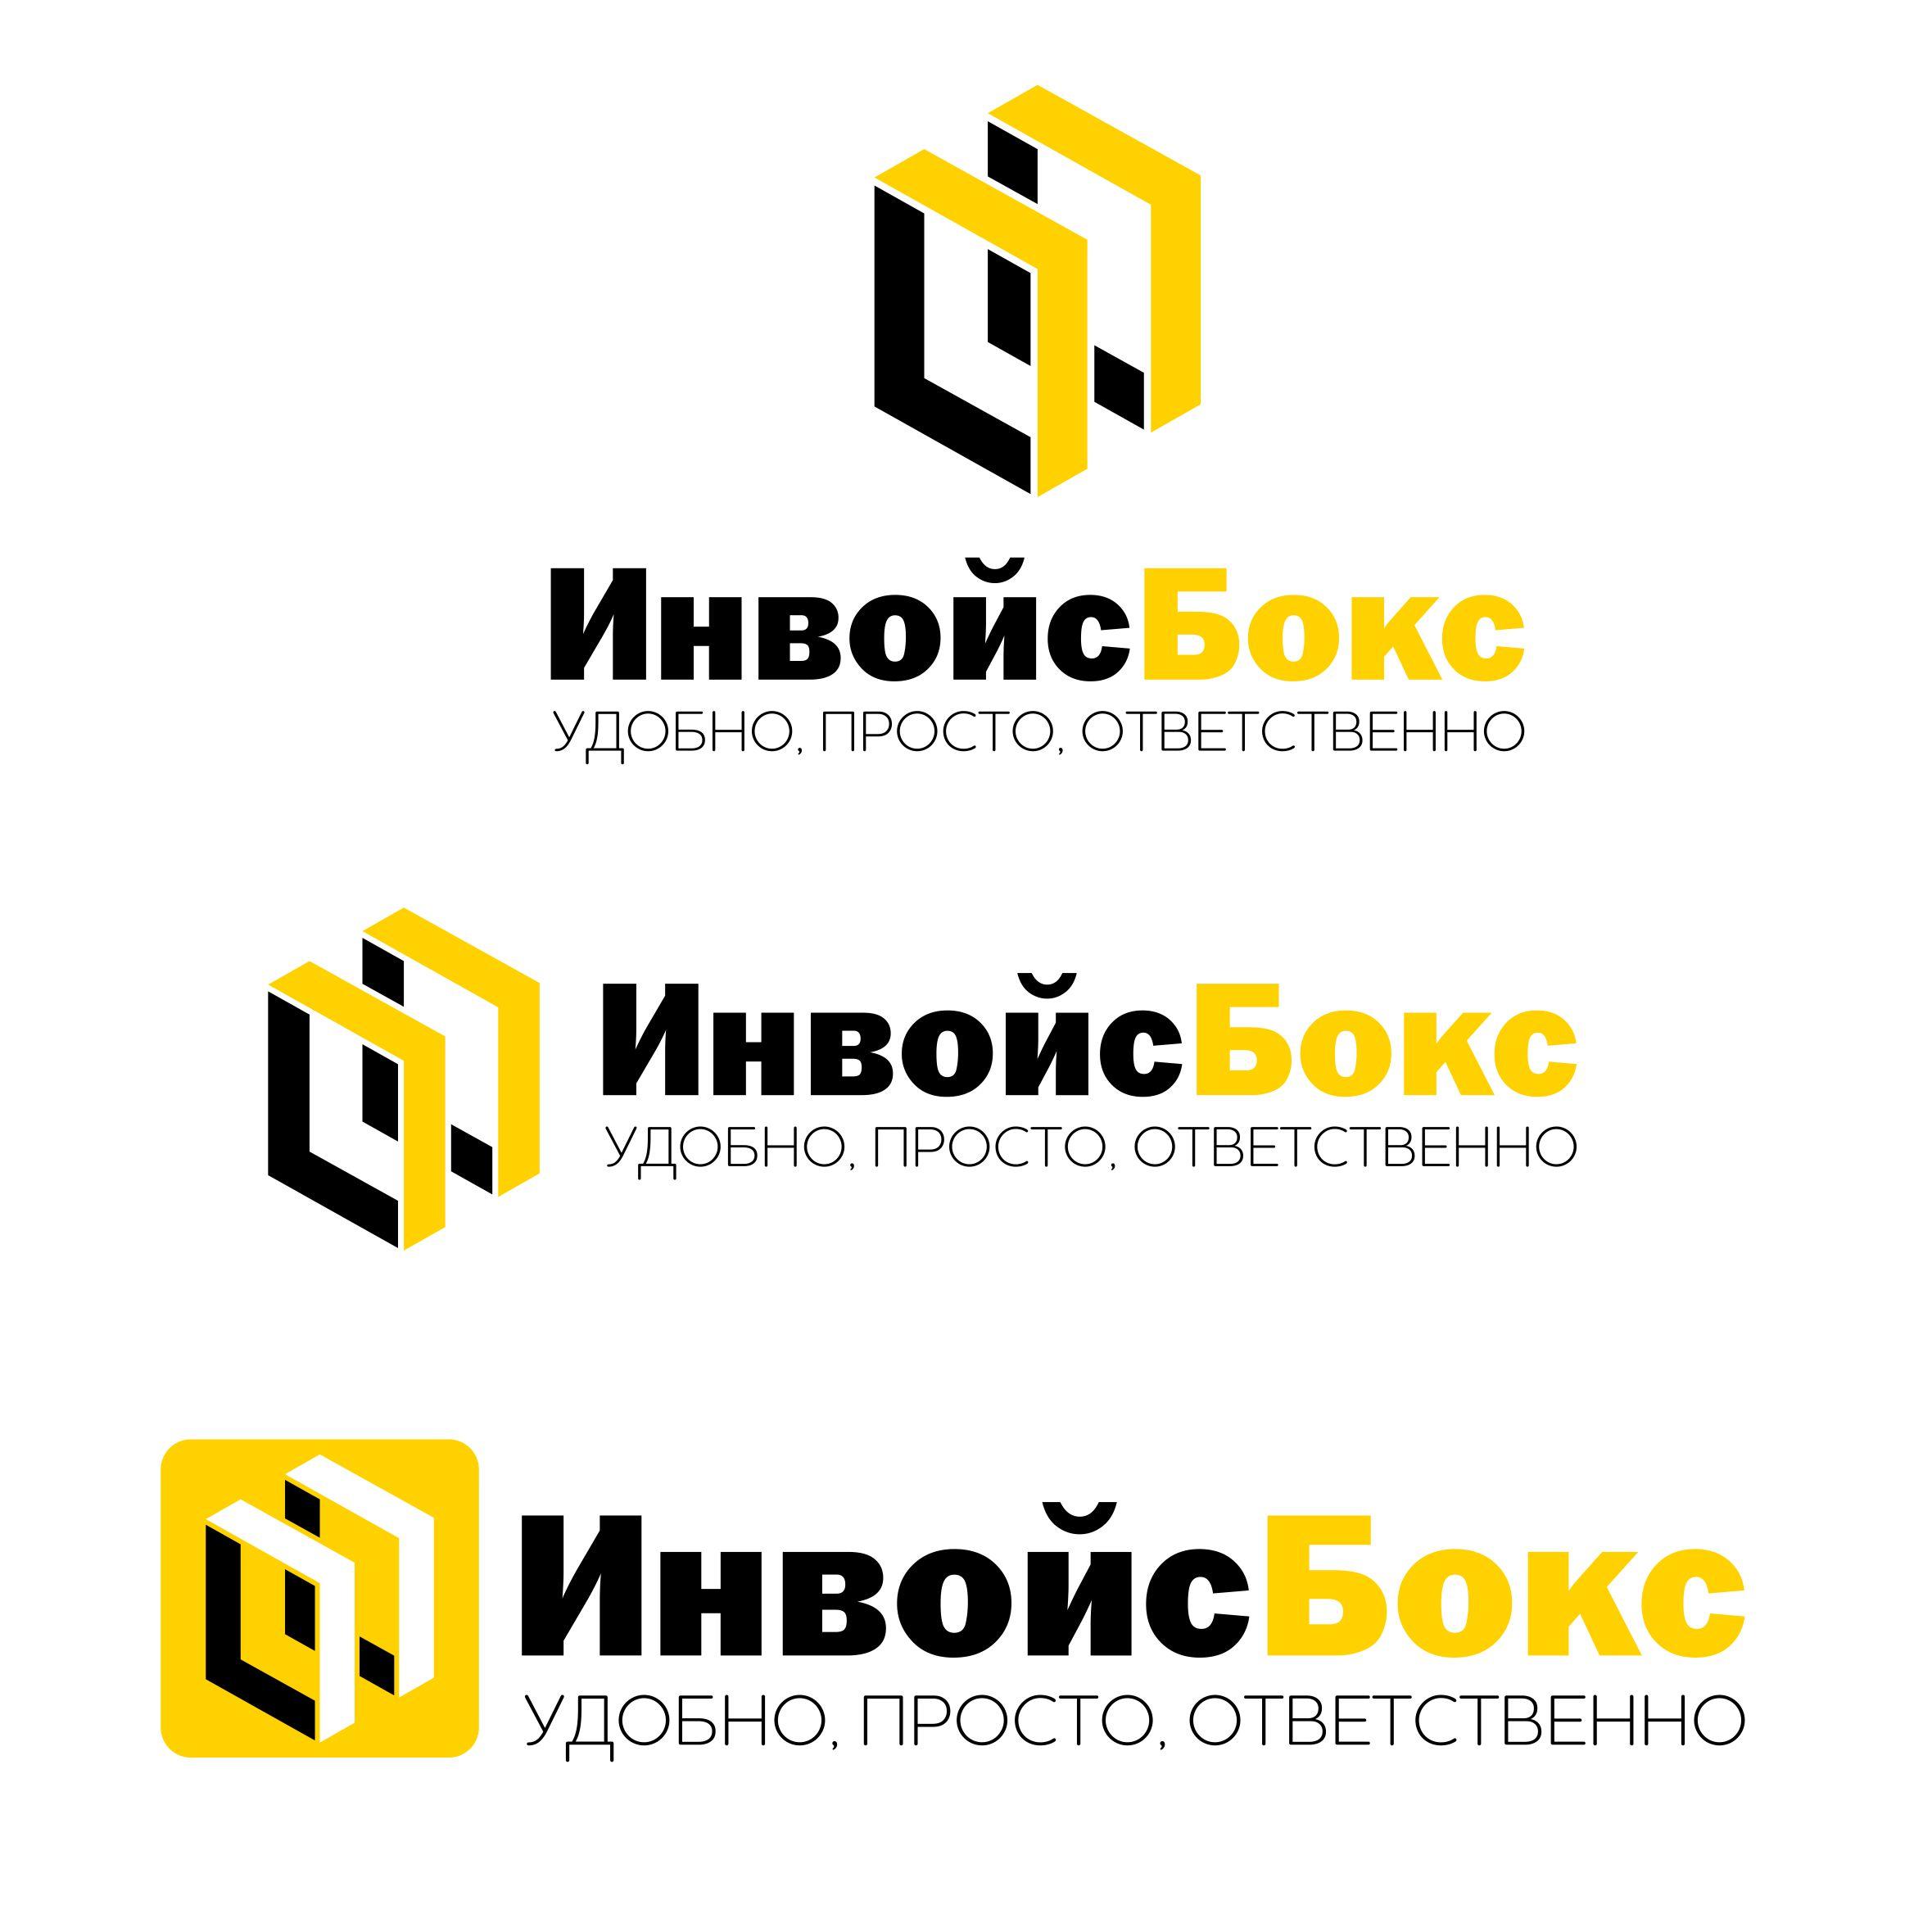 Разработка фирменного стиля компании фото f_2995bfd4baeb7074.jpg